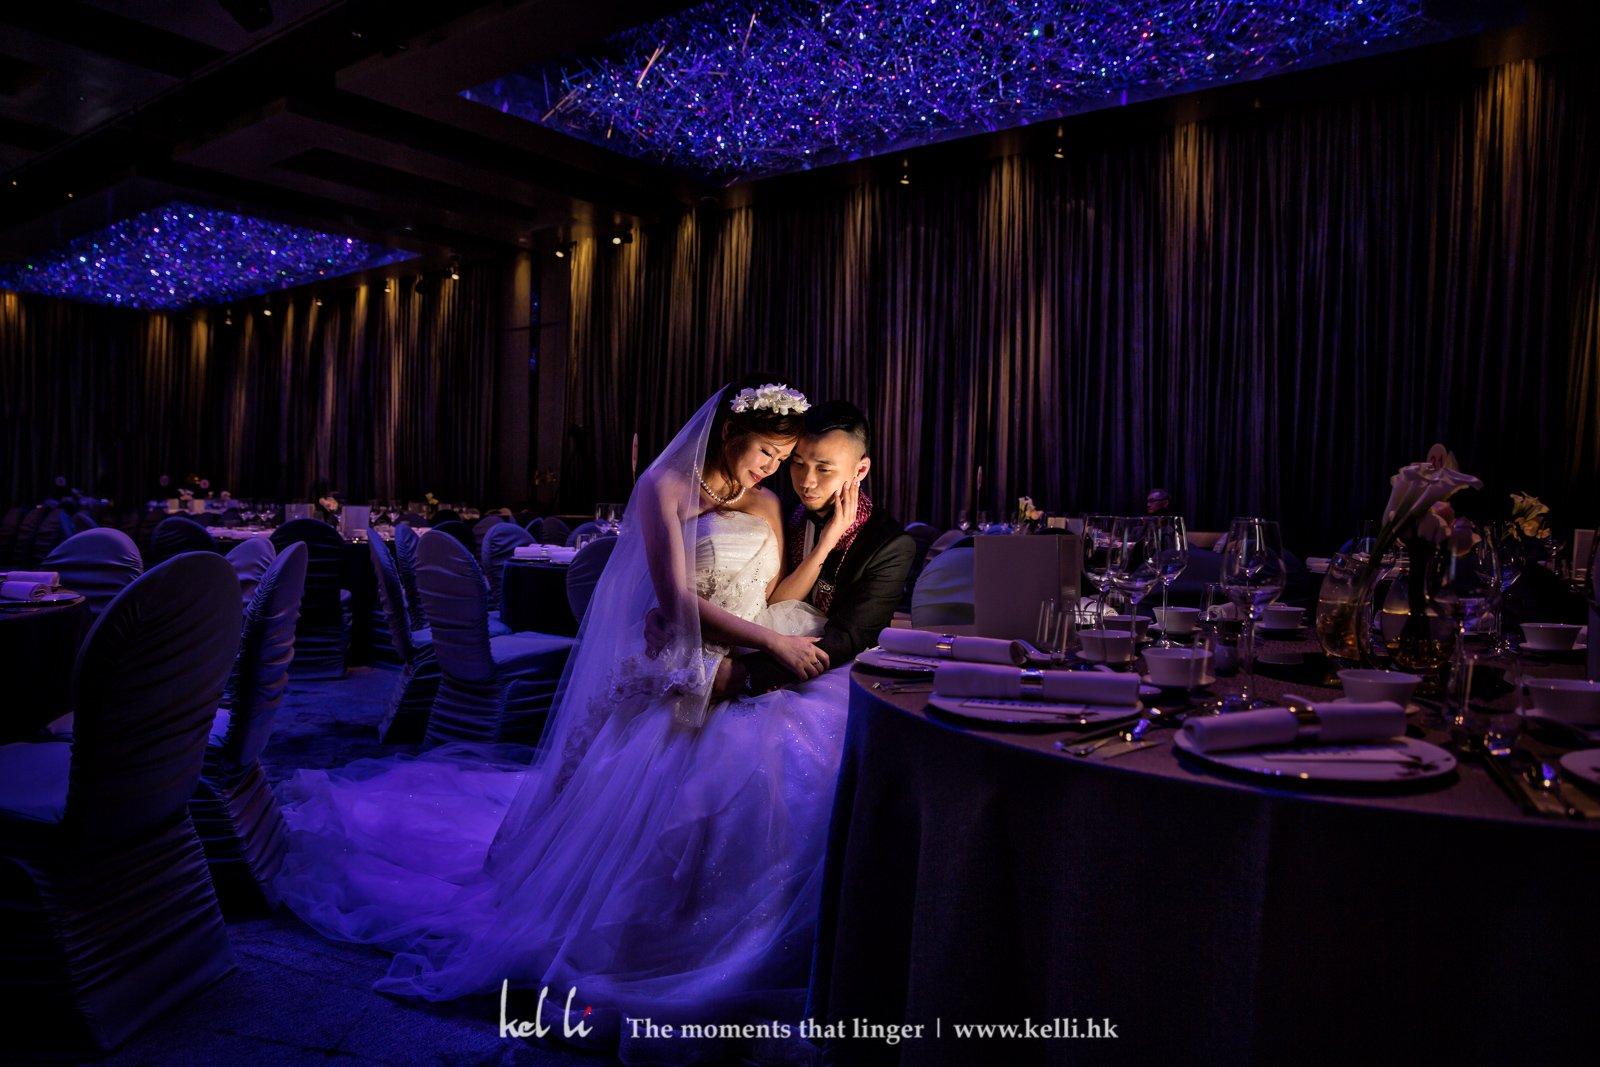 我們婚禮攝影師看的不單單是場地漂亮,更重要的是場地的燈光漂竟,也才能拍出美麗的照片